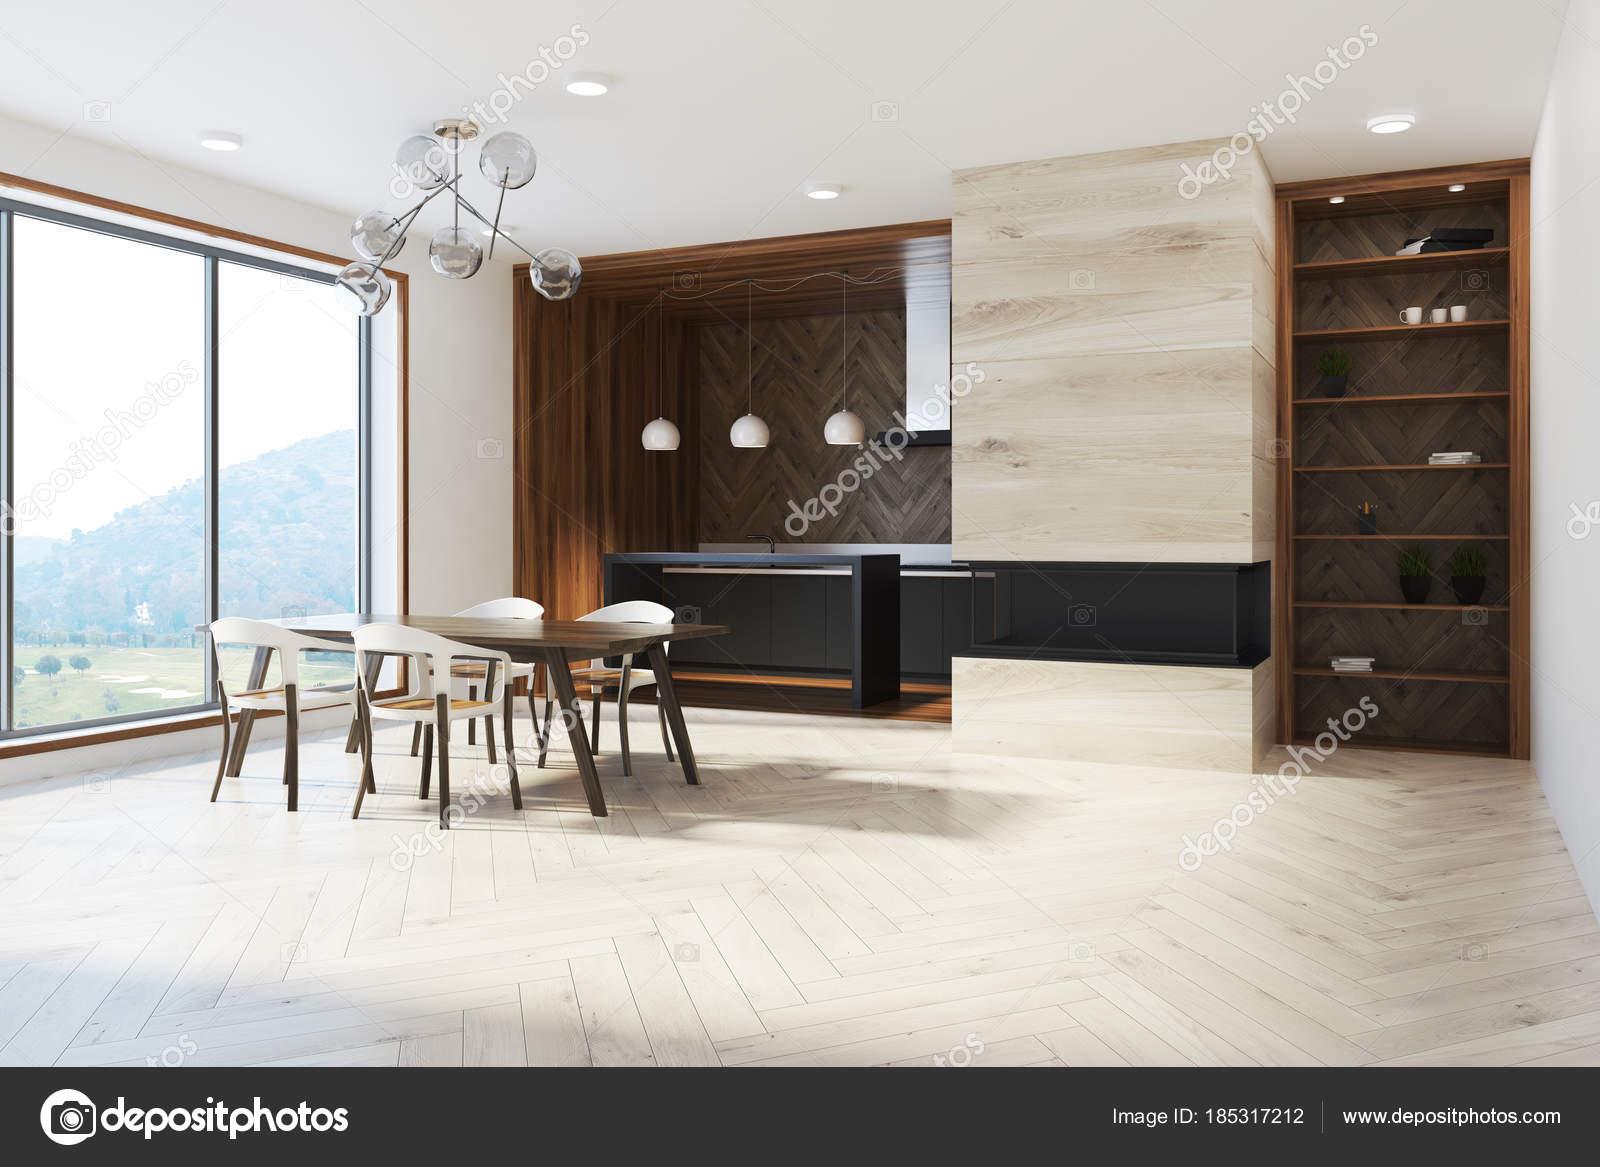 Berühmt Küchenecke Tisch Set Fotos - Küchenschrank Ideen - eastbound ...